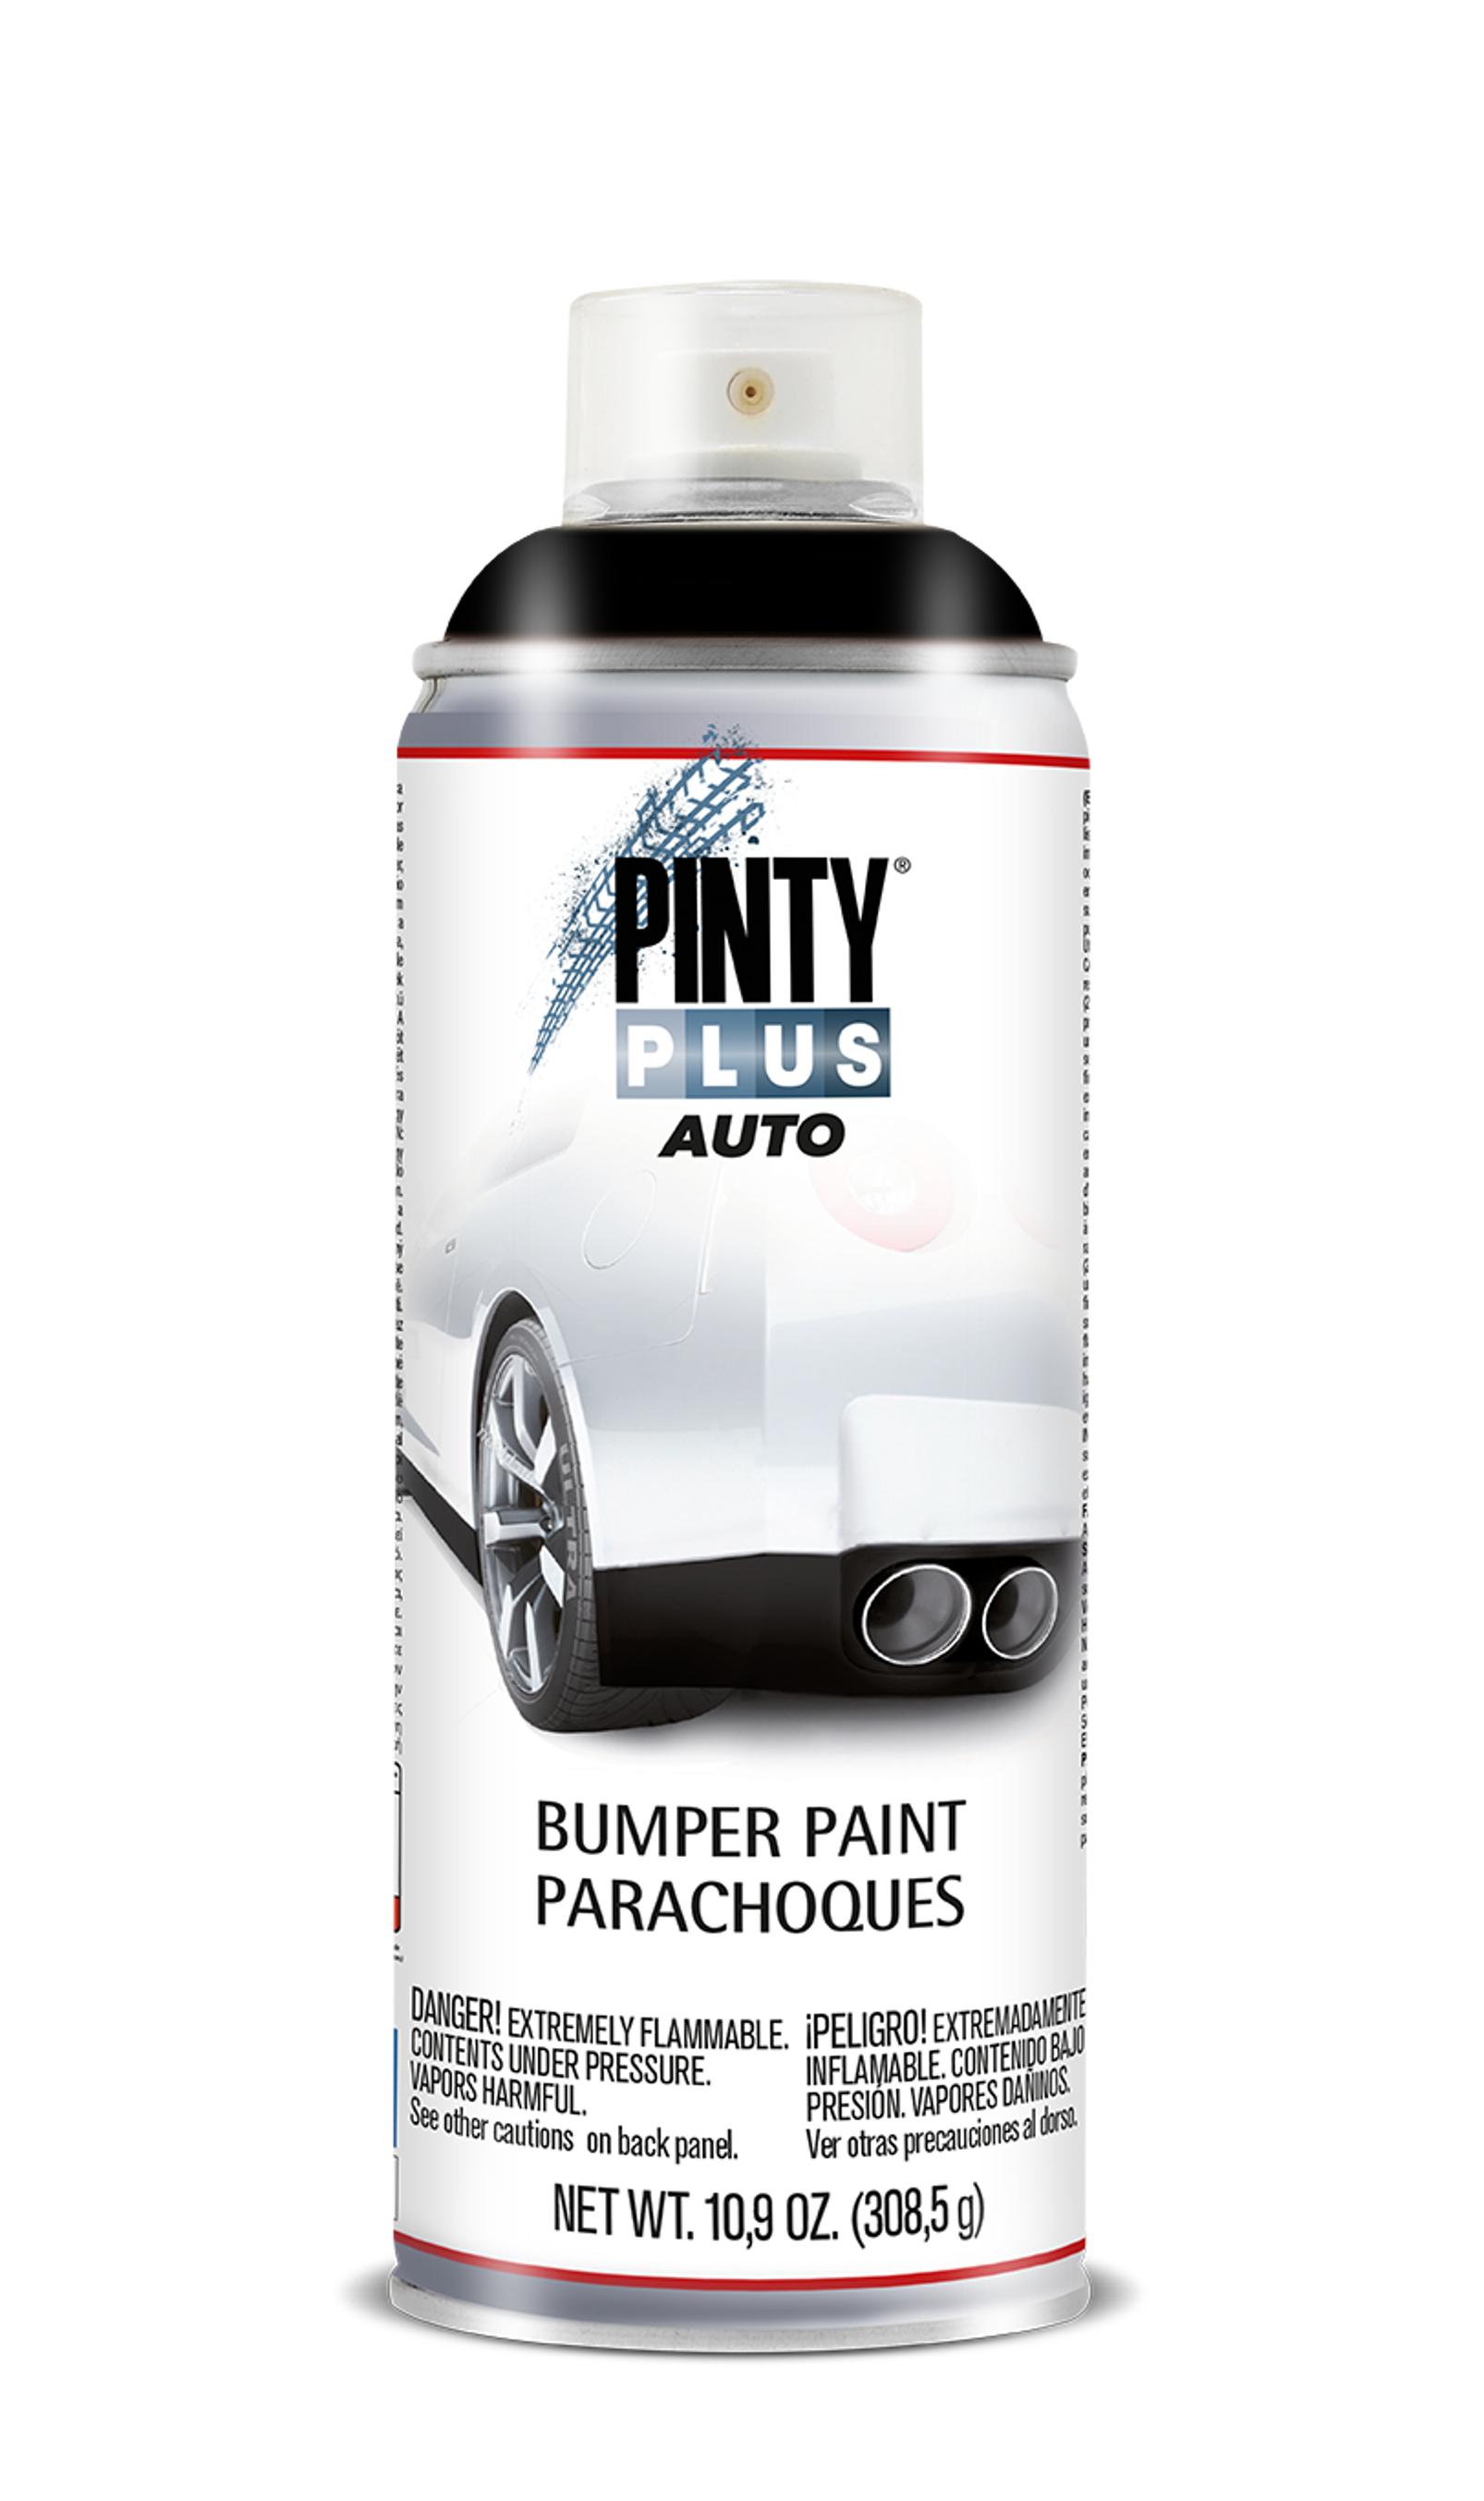 Pintura en spray para parachoques Pintyplus Auto bumper